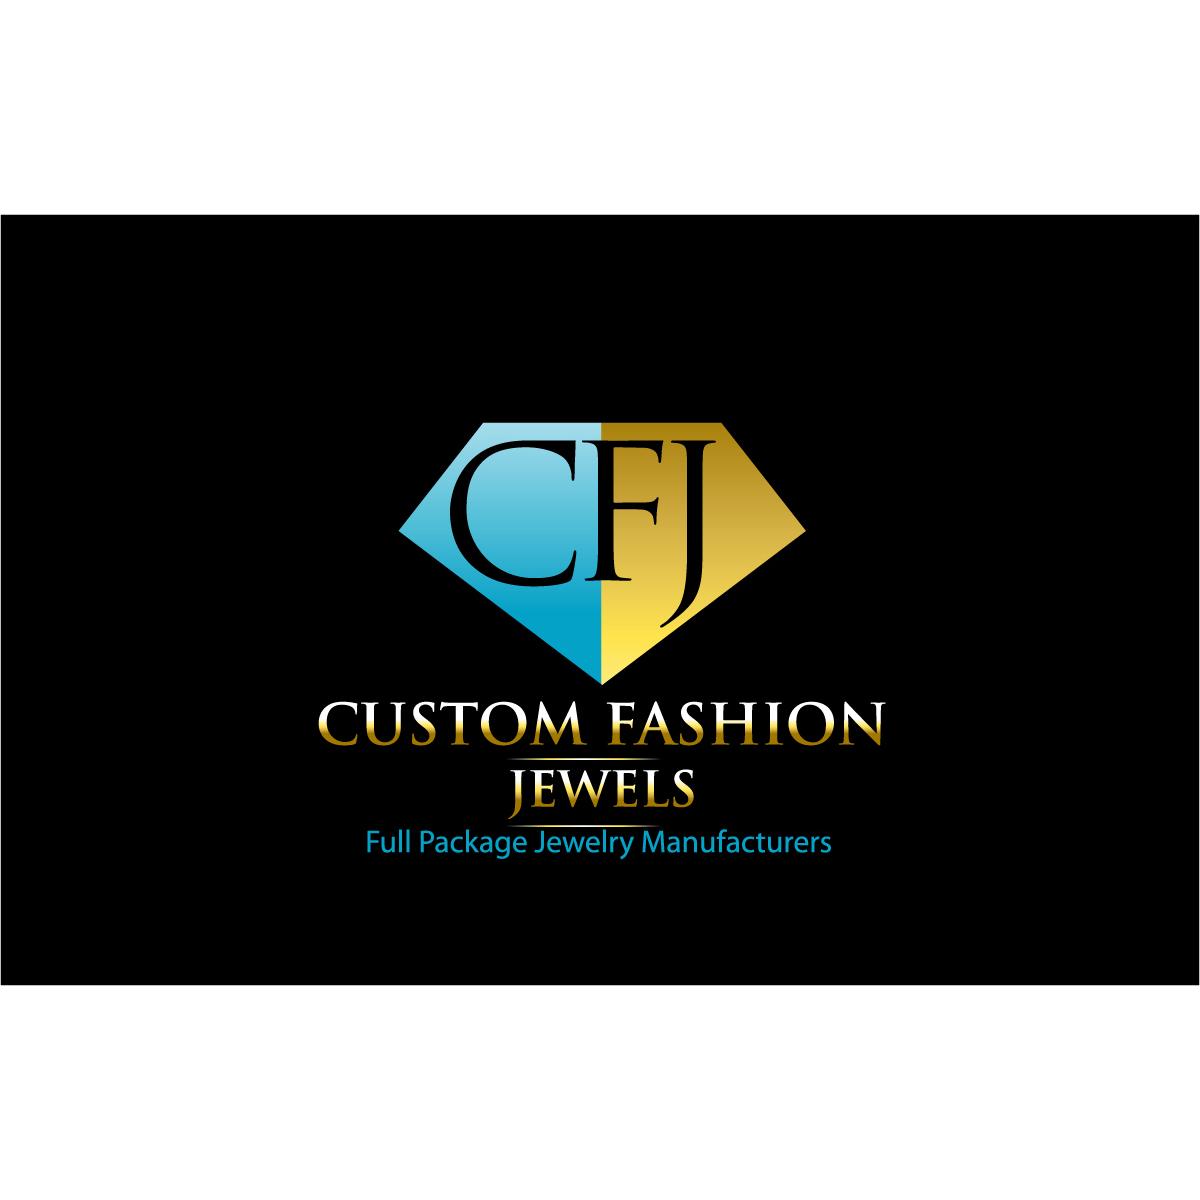 Custom Fashion Jewels